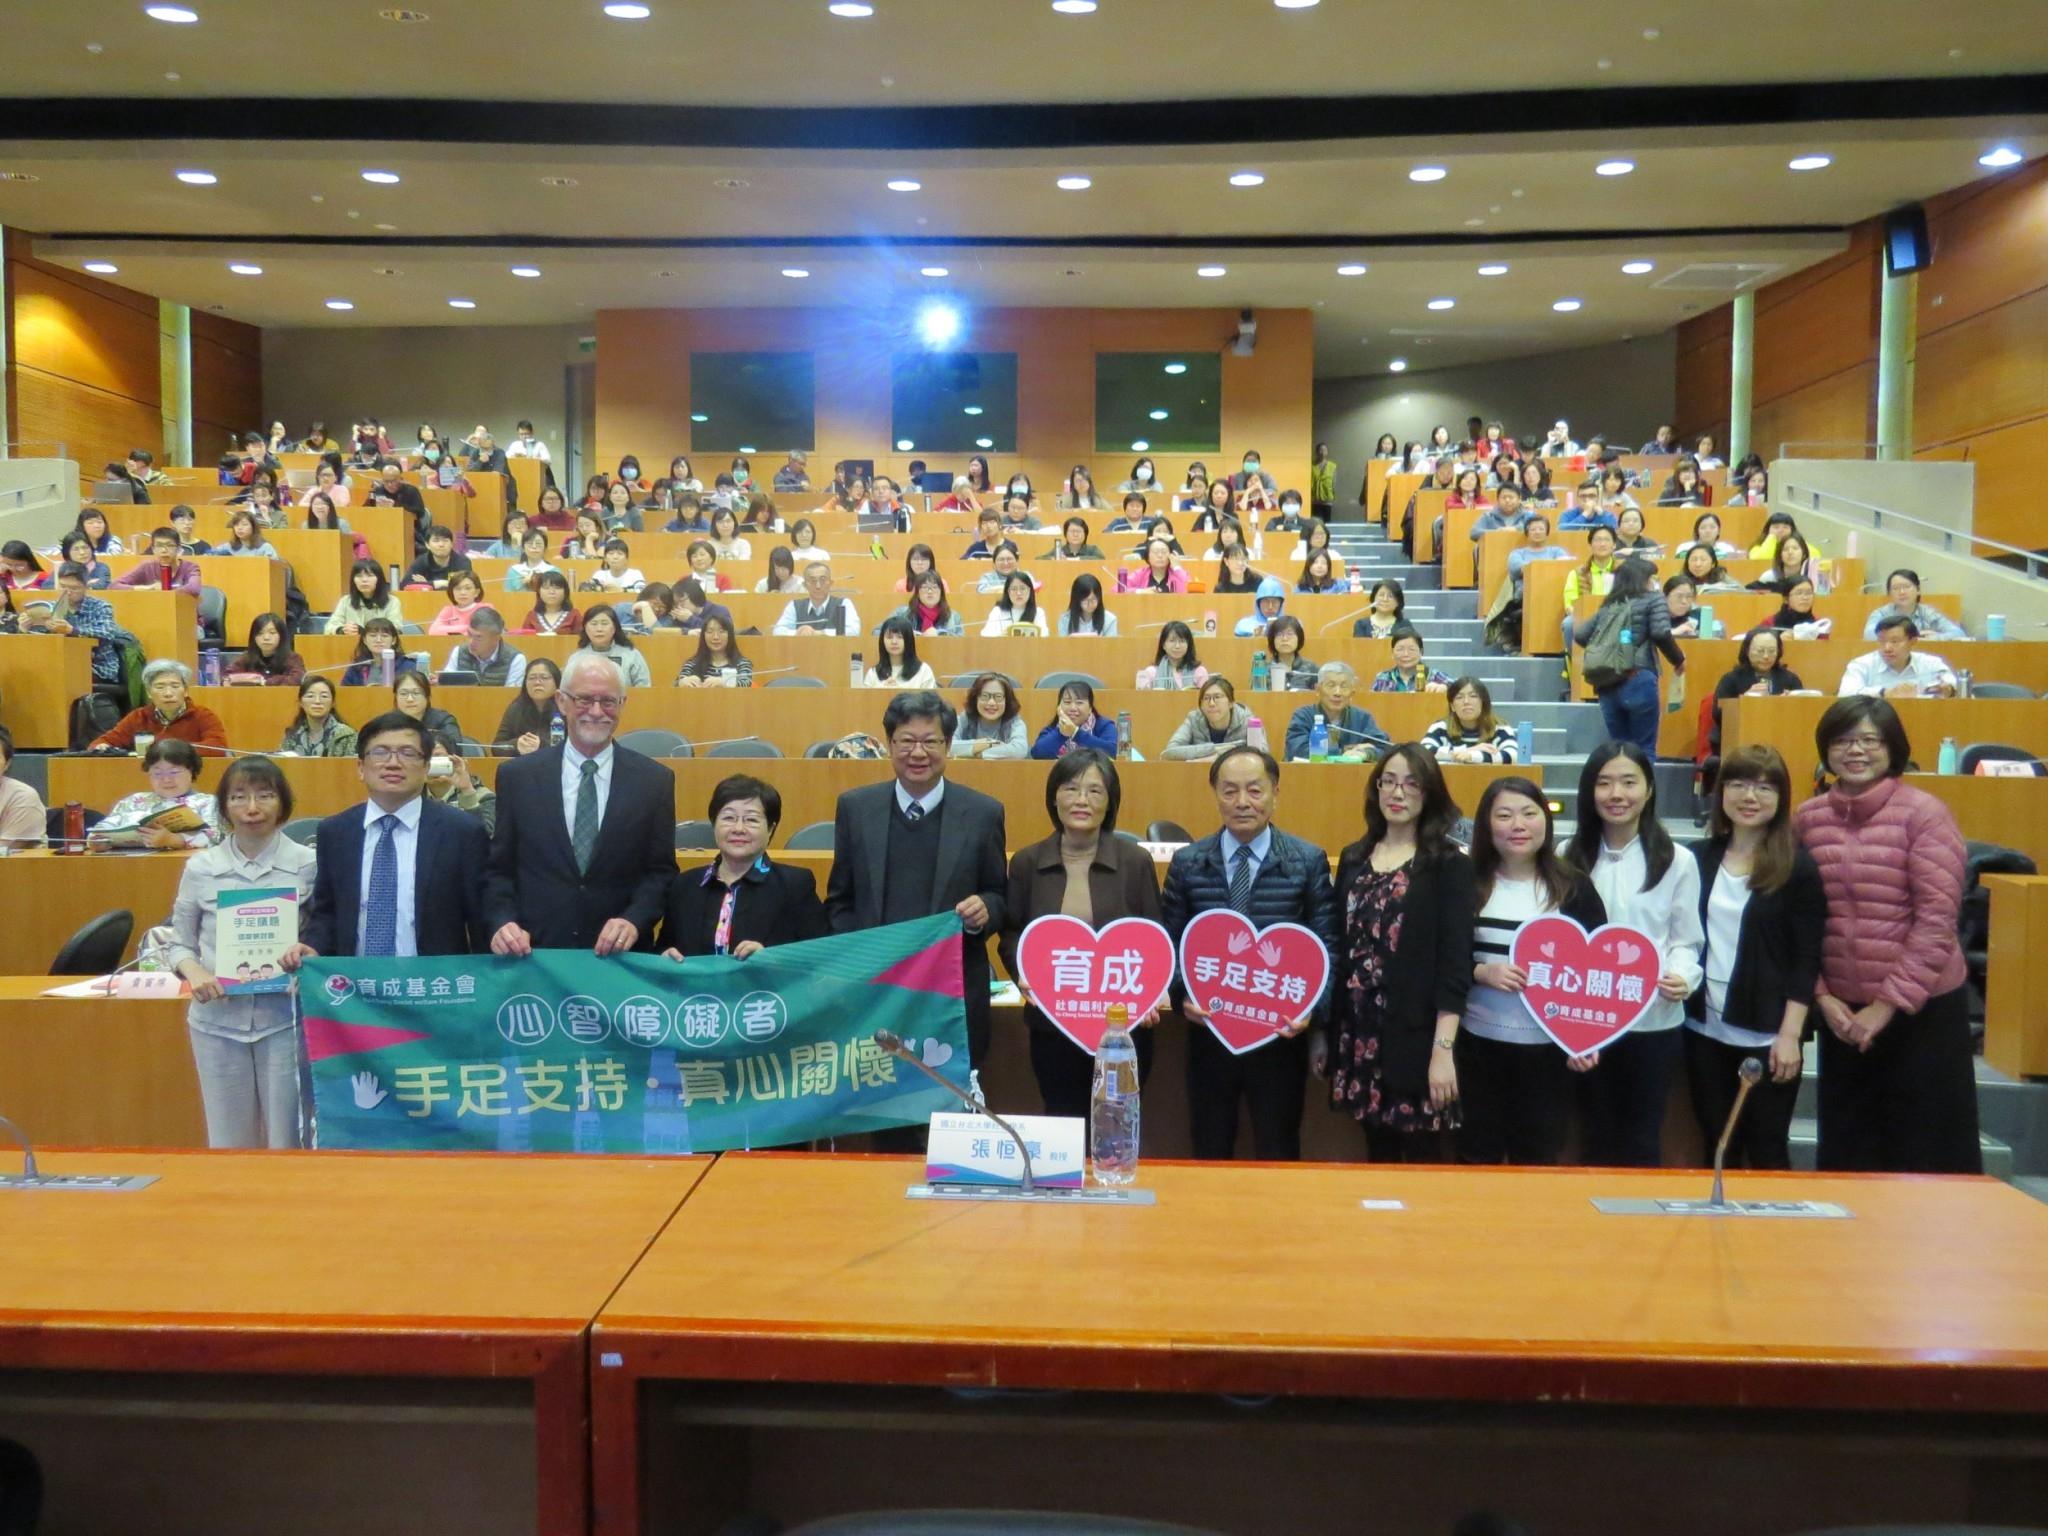 【活動報導】走過25週年的愛與責任 舉辦國內首屆心智障礙者手足議題國際研討會 代表圖